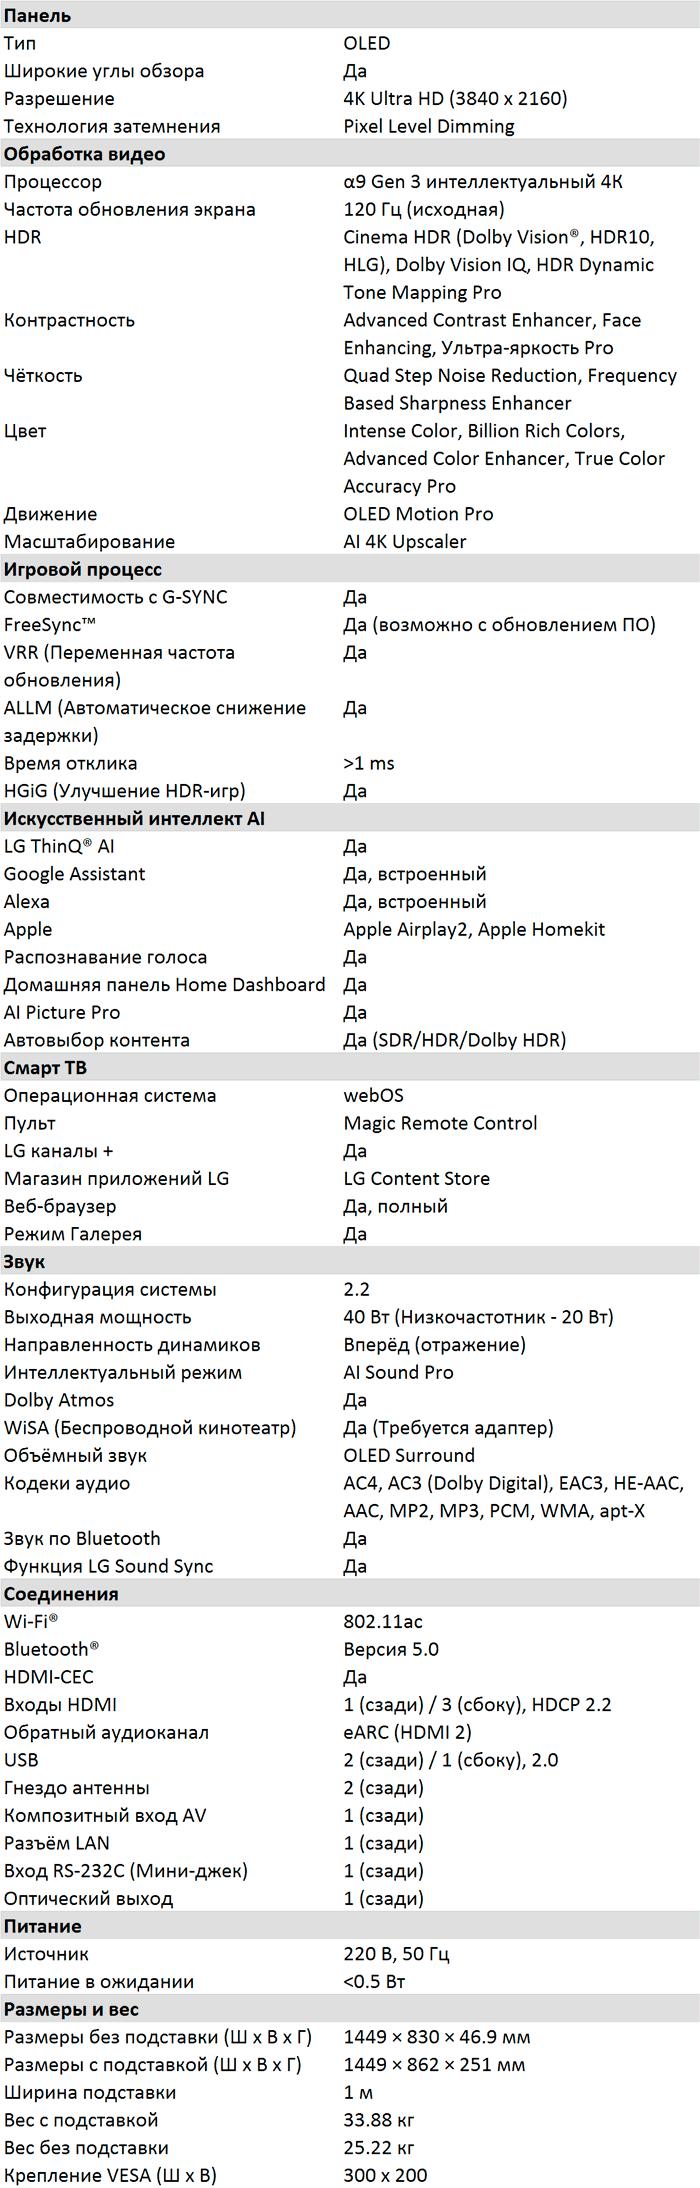 Характеристики LG CX